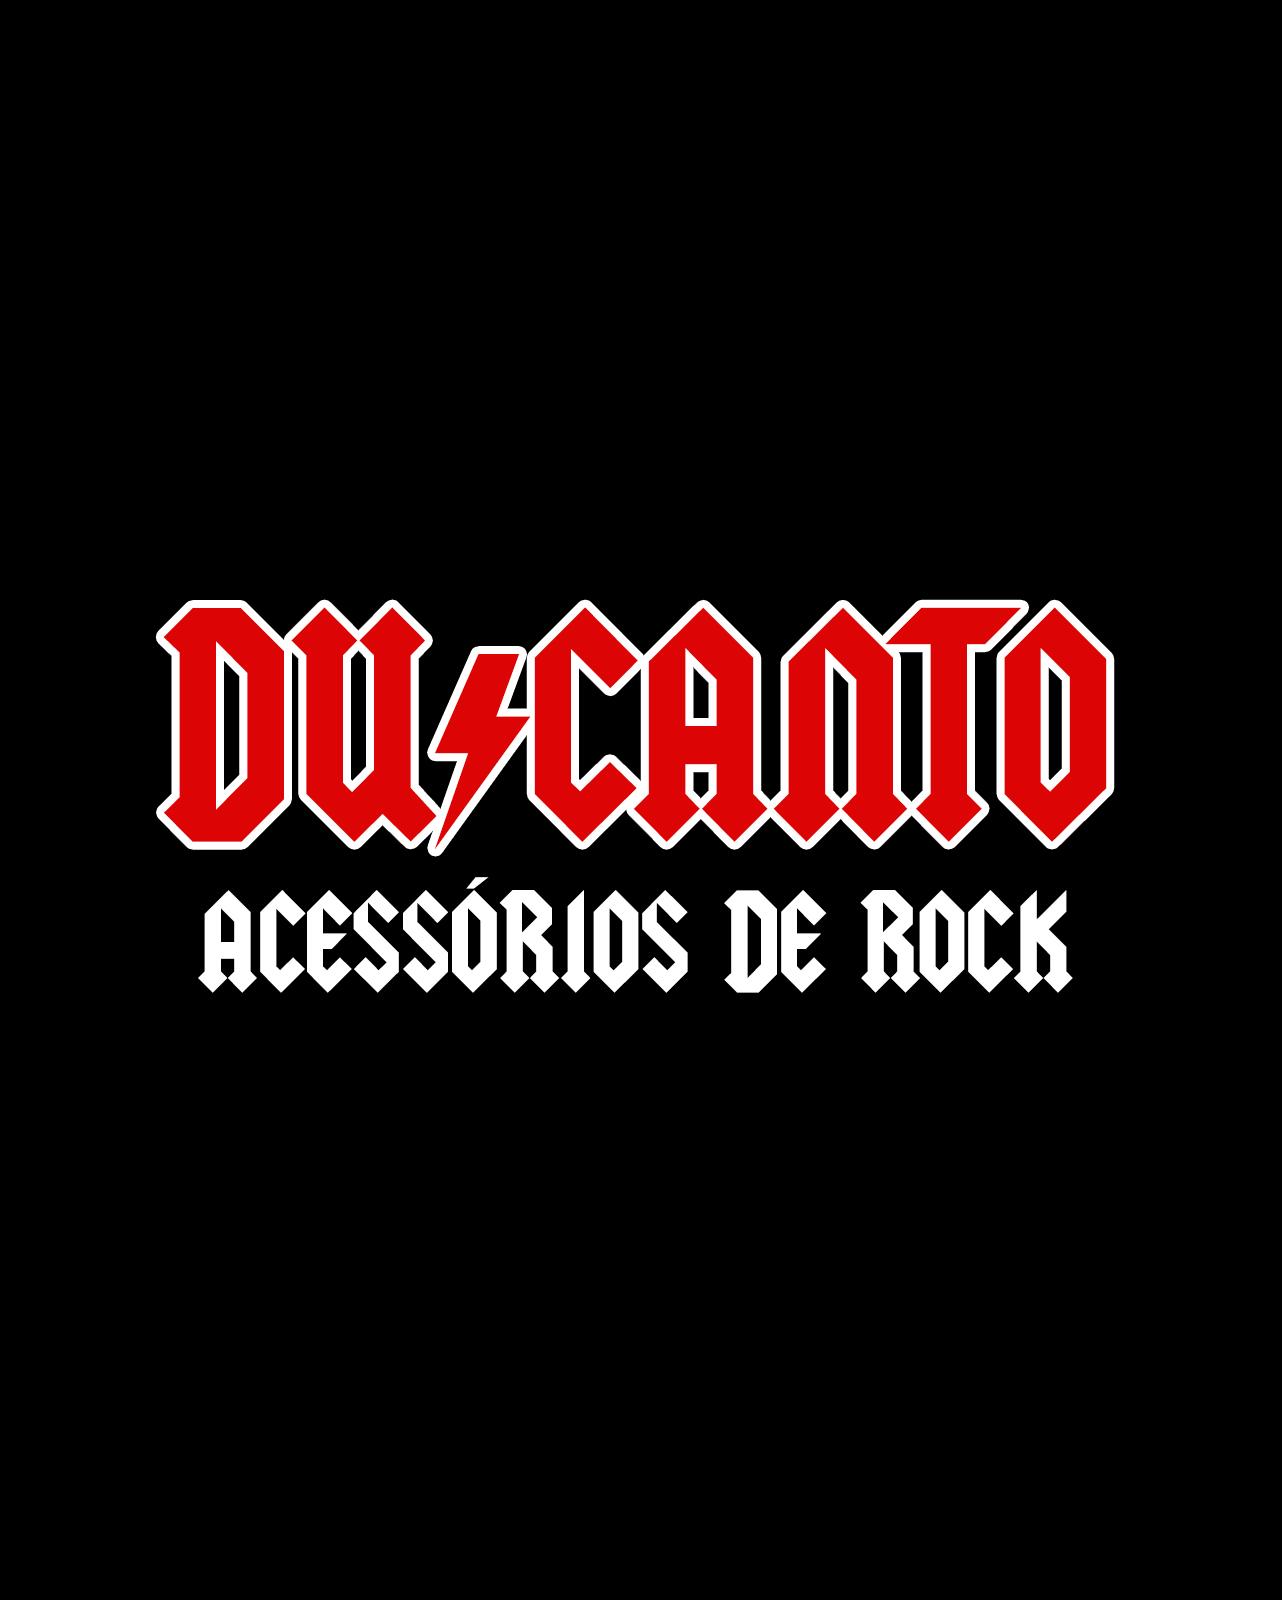 ACESSÓRIOS DE ROCK